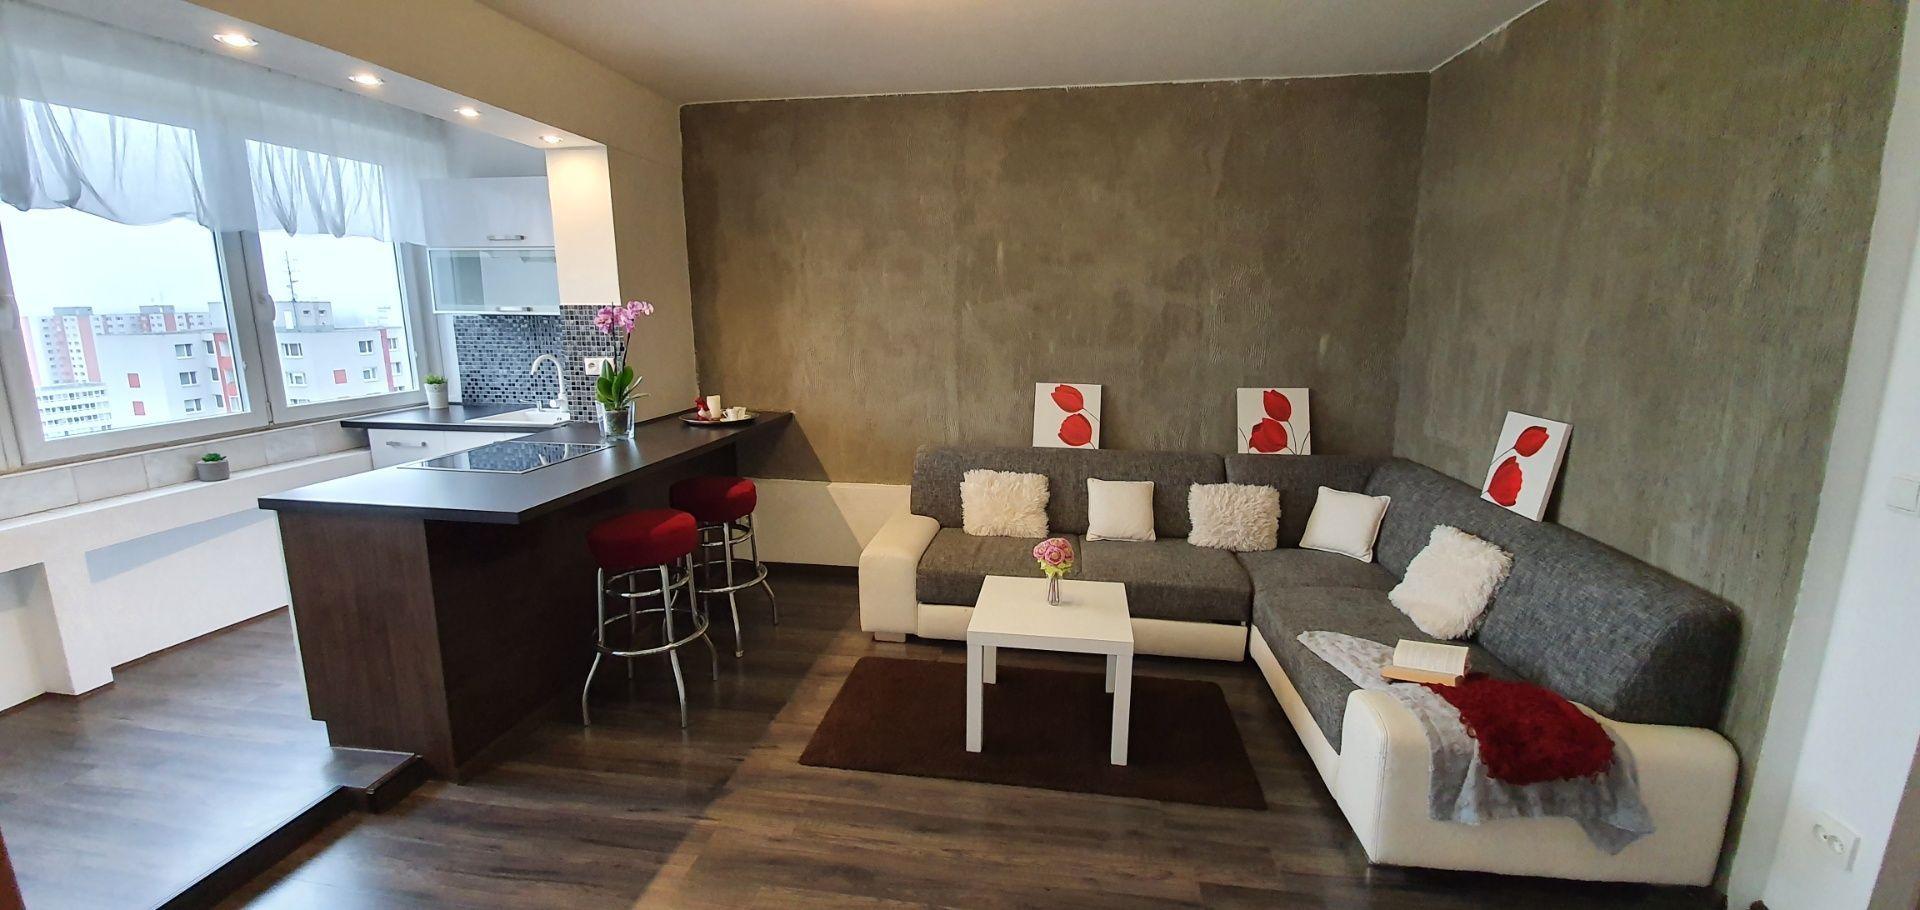 2-izbový byt-Predaj-Bratislava - mestská časť Petržalka-134 900 €